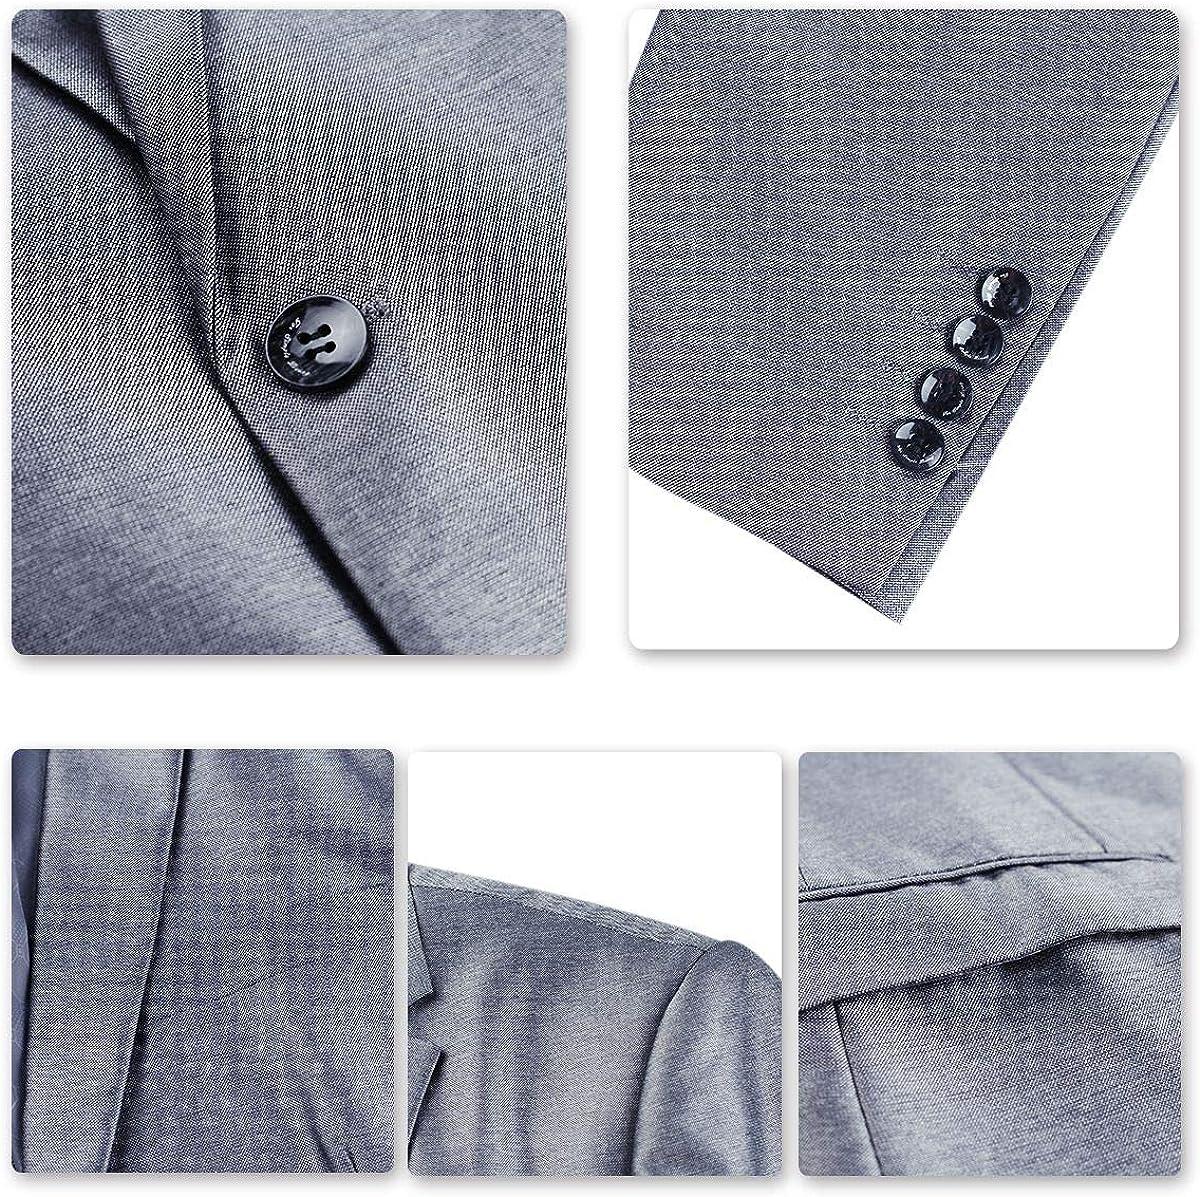 Mens Slim Fit Suit Classic 3 Piece 2 Button Dress Suits Pure Color Formal Blazer Waistcoat Pants